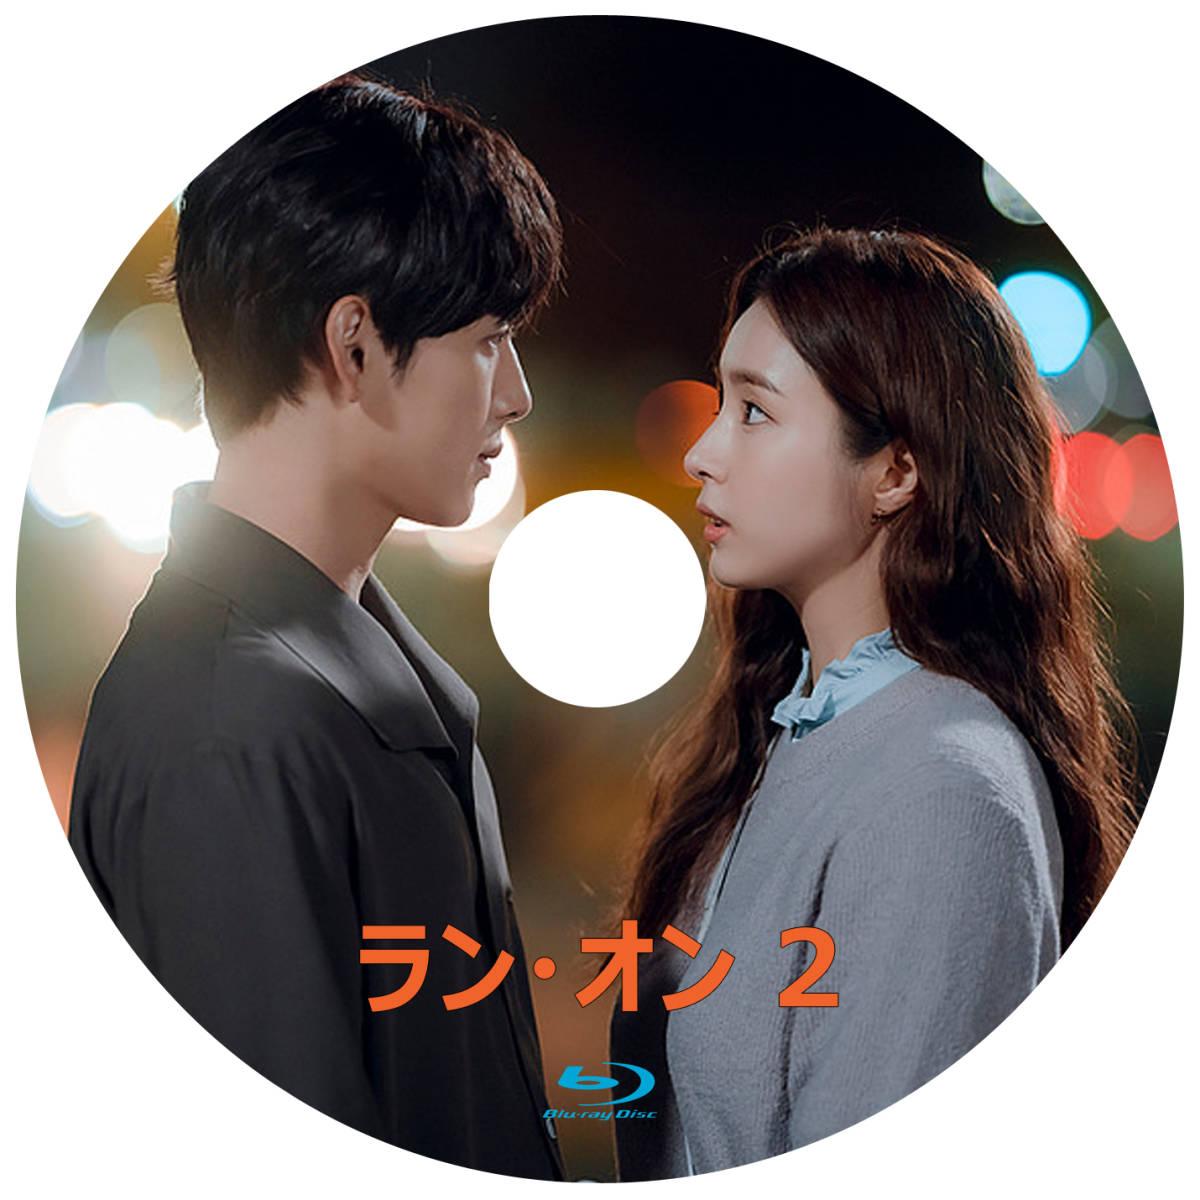 ラン・オン Blu-ray版 (2枚SET)《日本語字幕あり》 韓国ドラマ